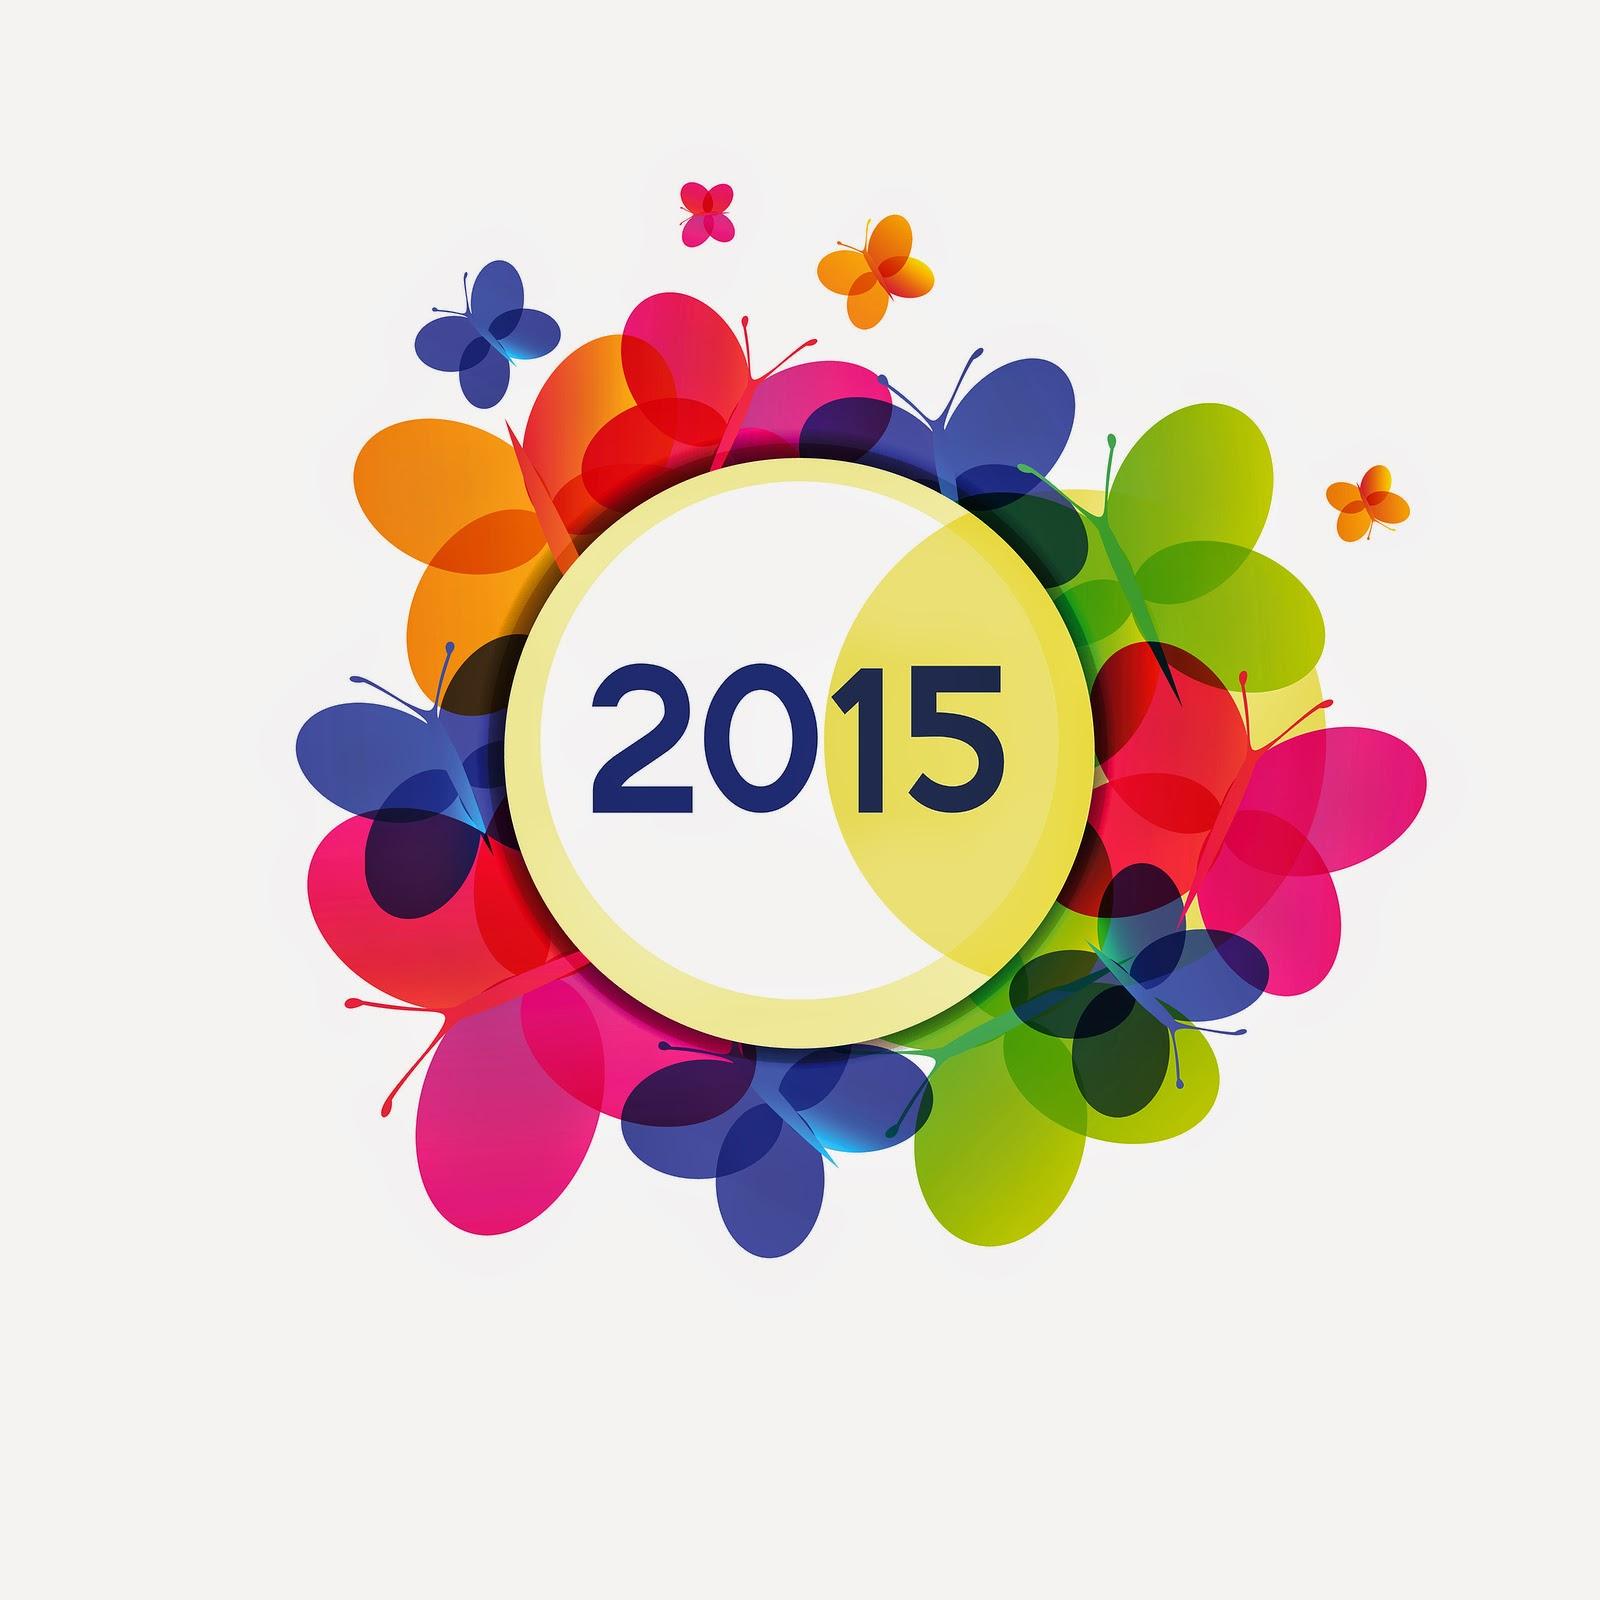 Feliz Año 2015, parte 4